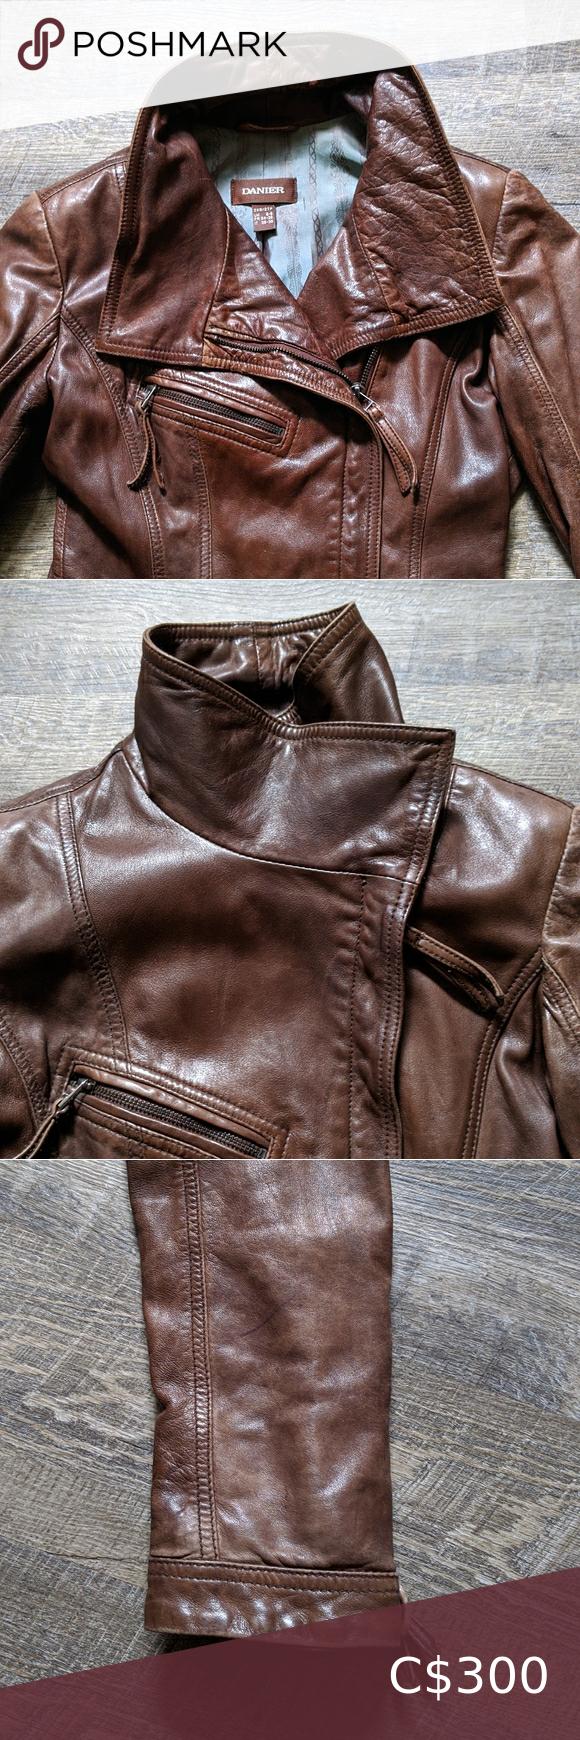 Danier Leather Jacket - HOT Danier Leather Jacket